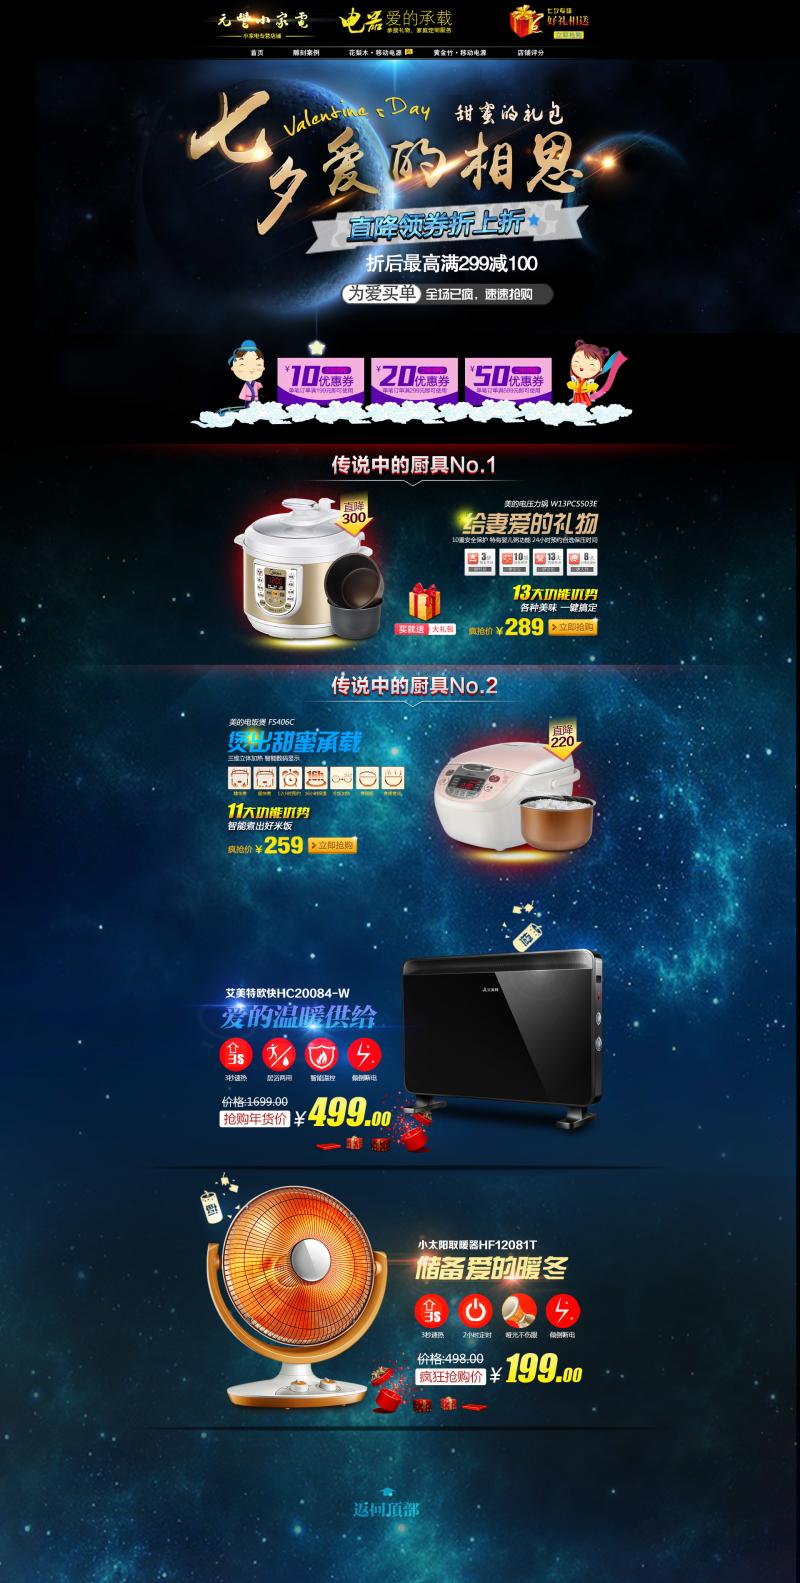 七夕情人节电器首页设计